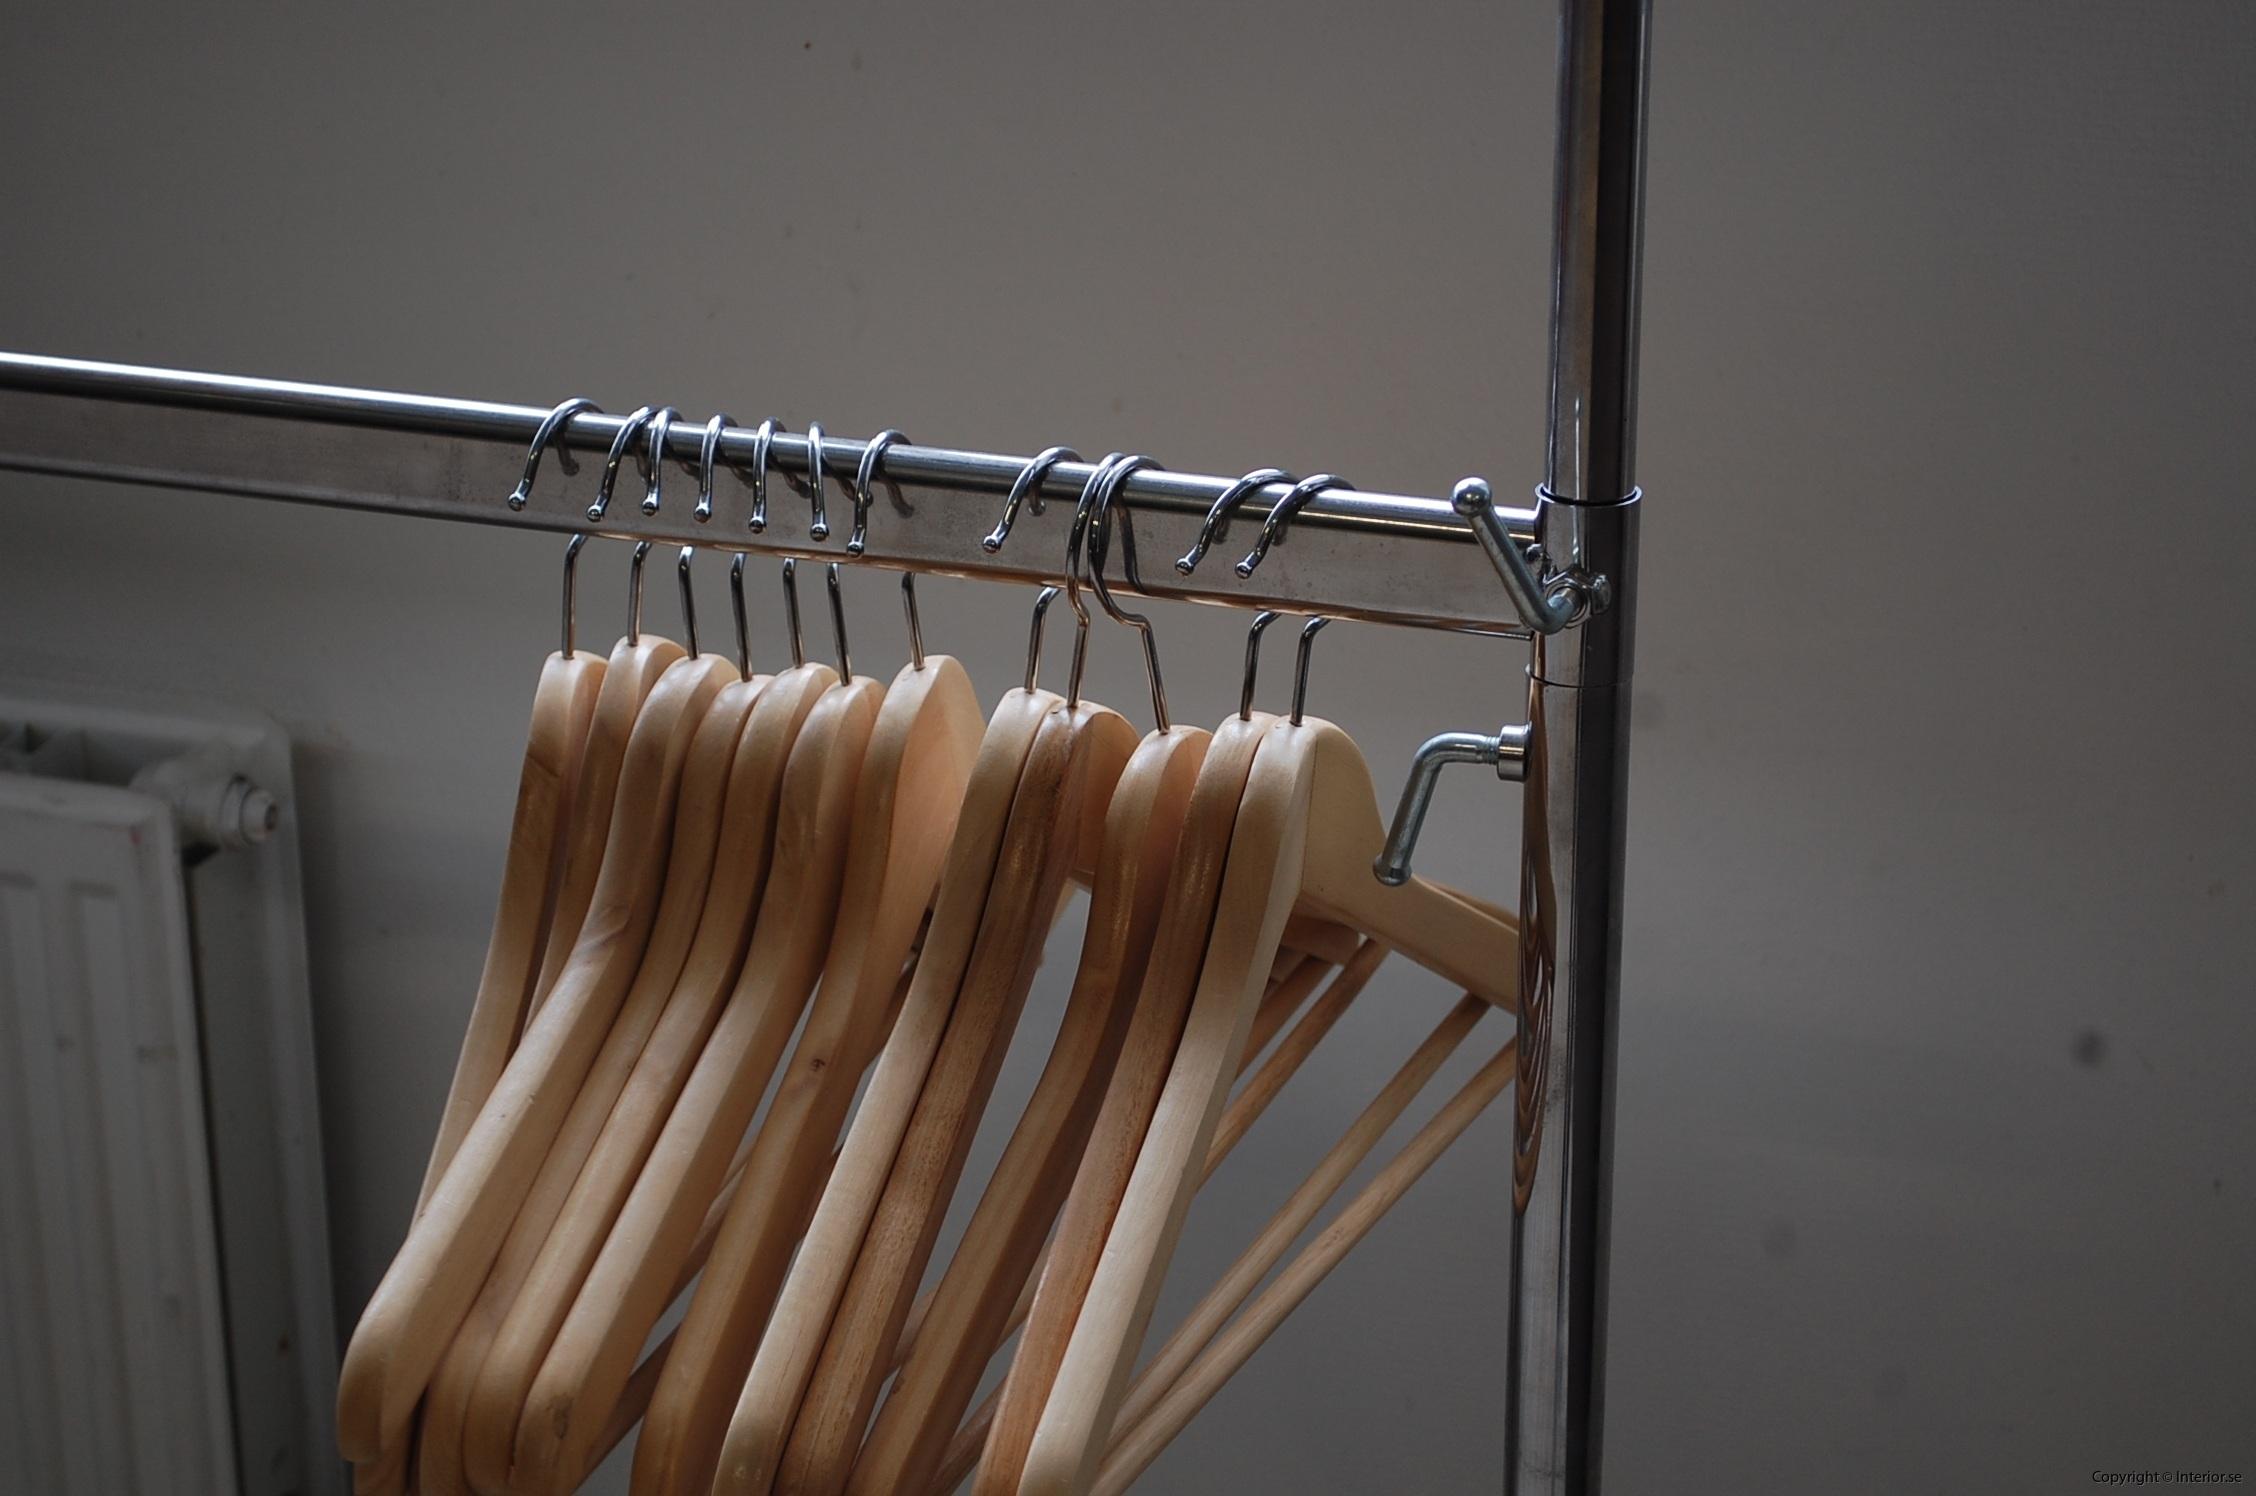 Hyr klädställning stockholm galge galgar hyra klädställning (2)